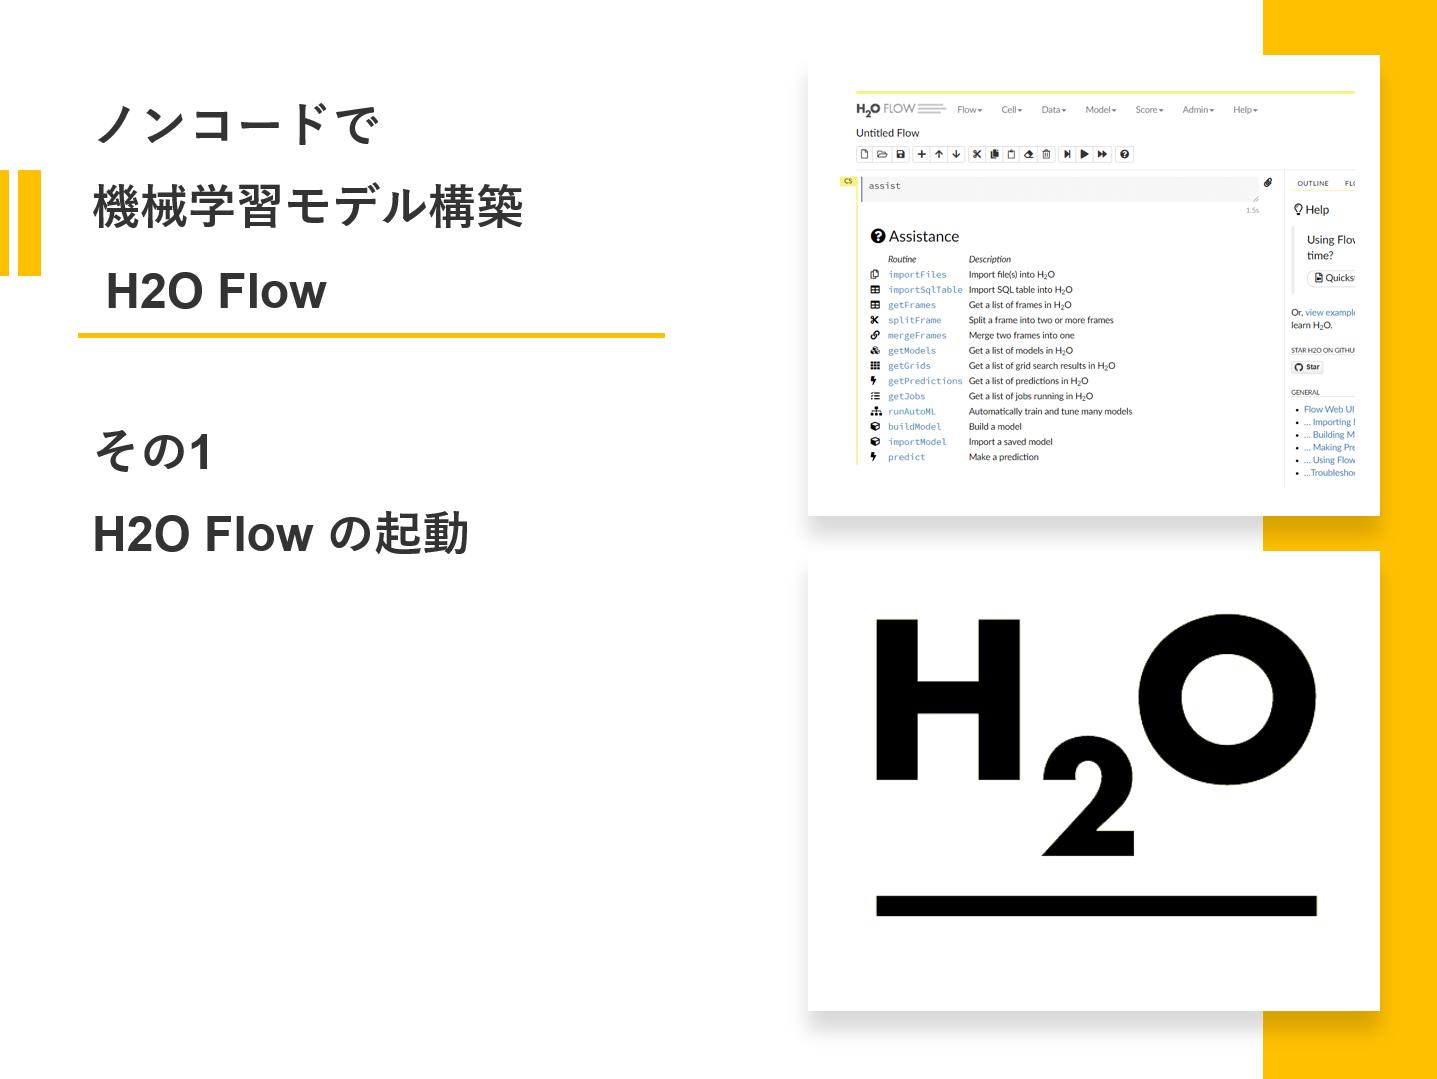 ノンコードで機械学習モデル構築 H2O Flow<br>その1(H2O Flow の起動)